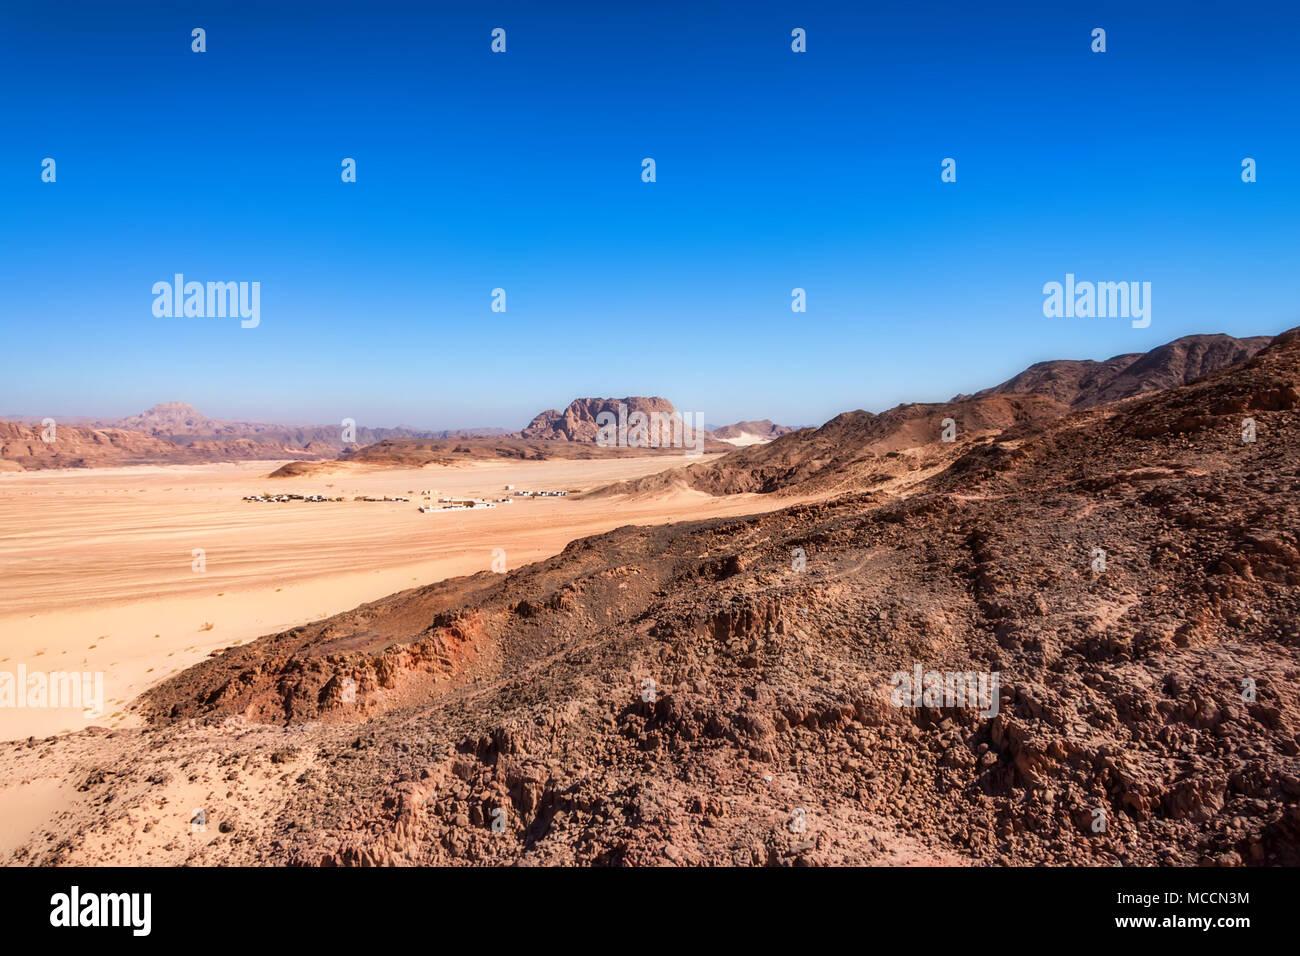 Fernen Häuser in der Wüste am Sinai Halbinsel Stockbild